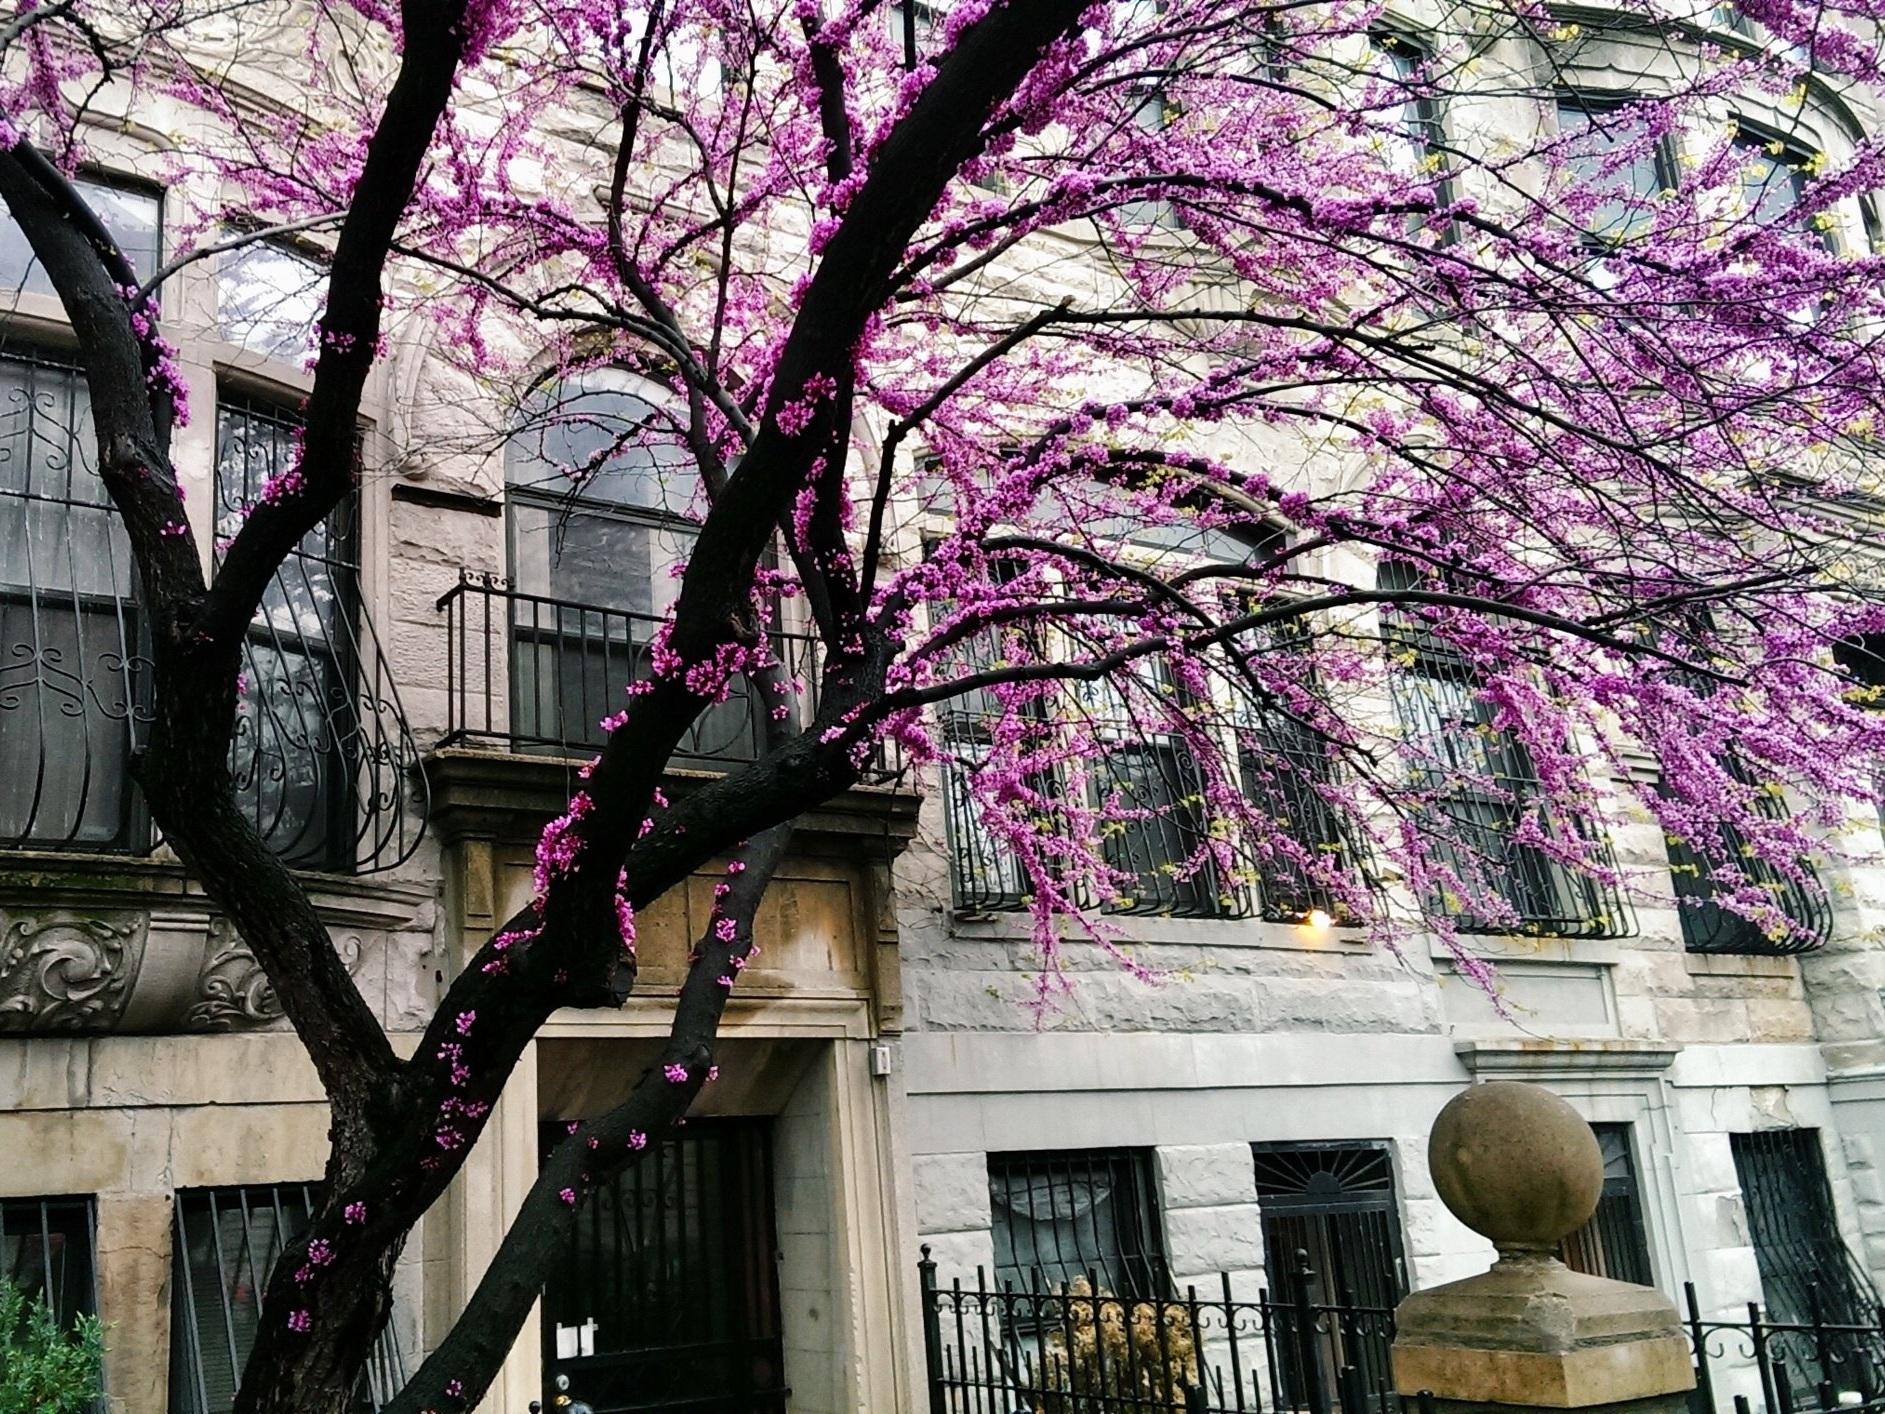 Spring Tree in Harlem